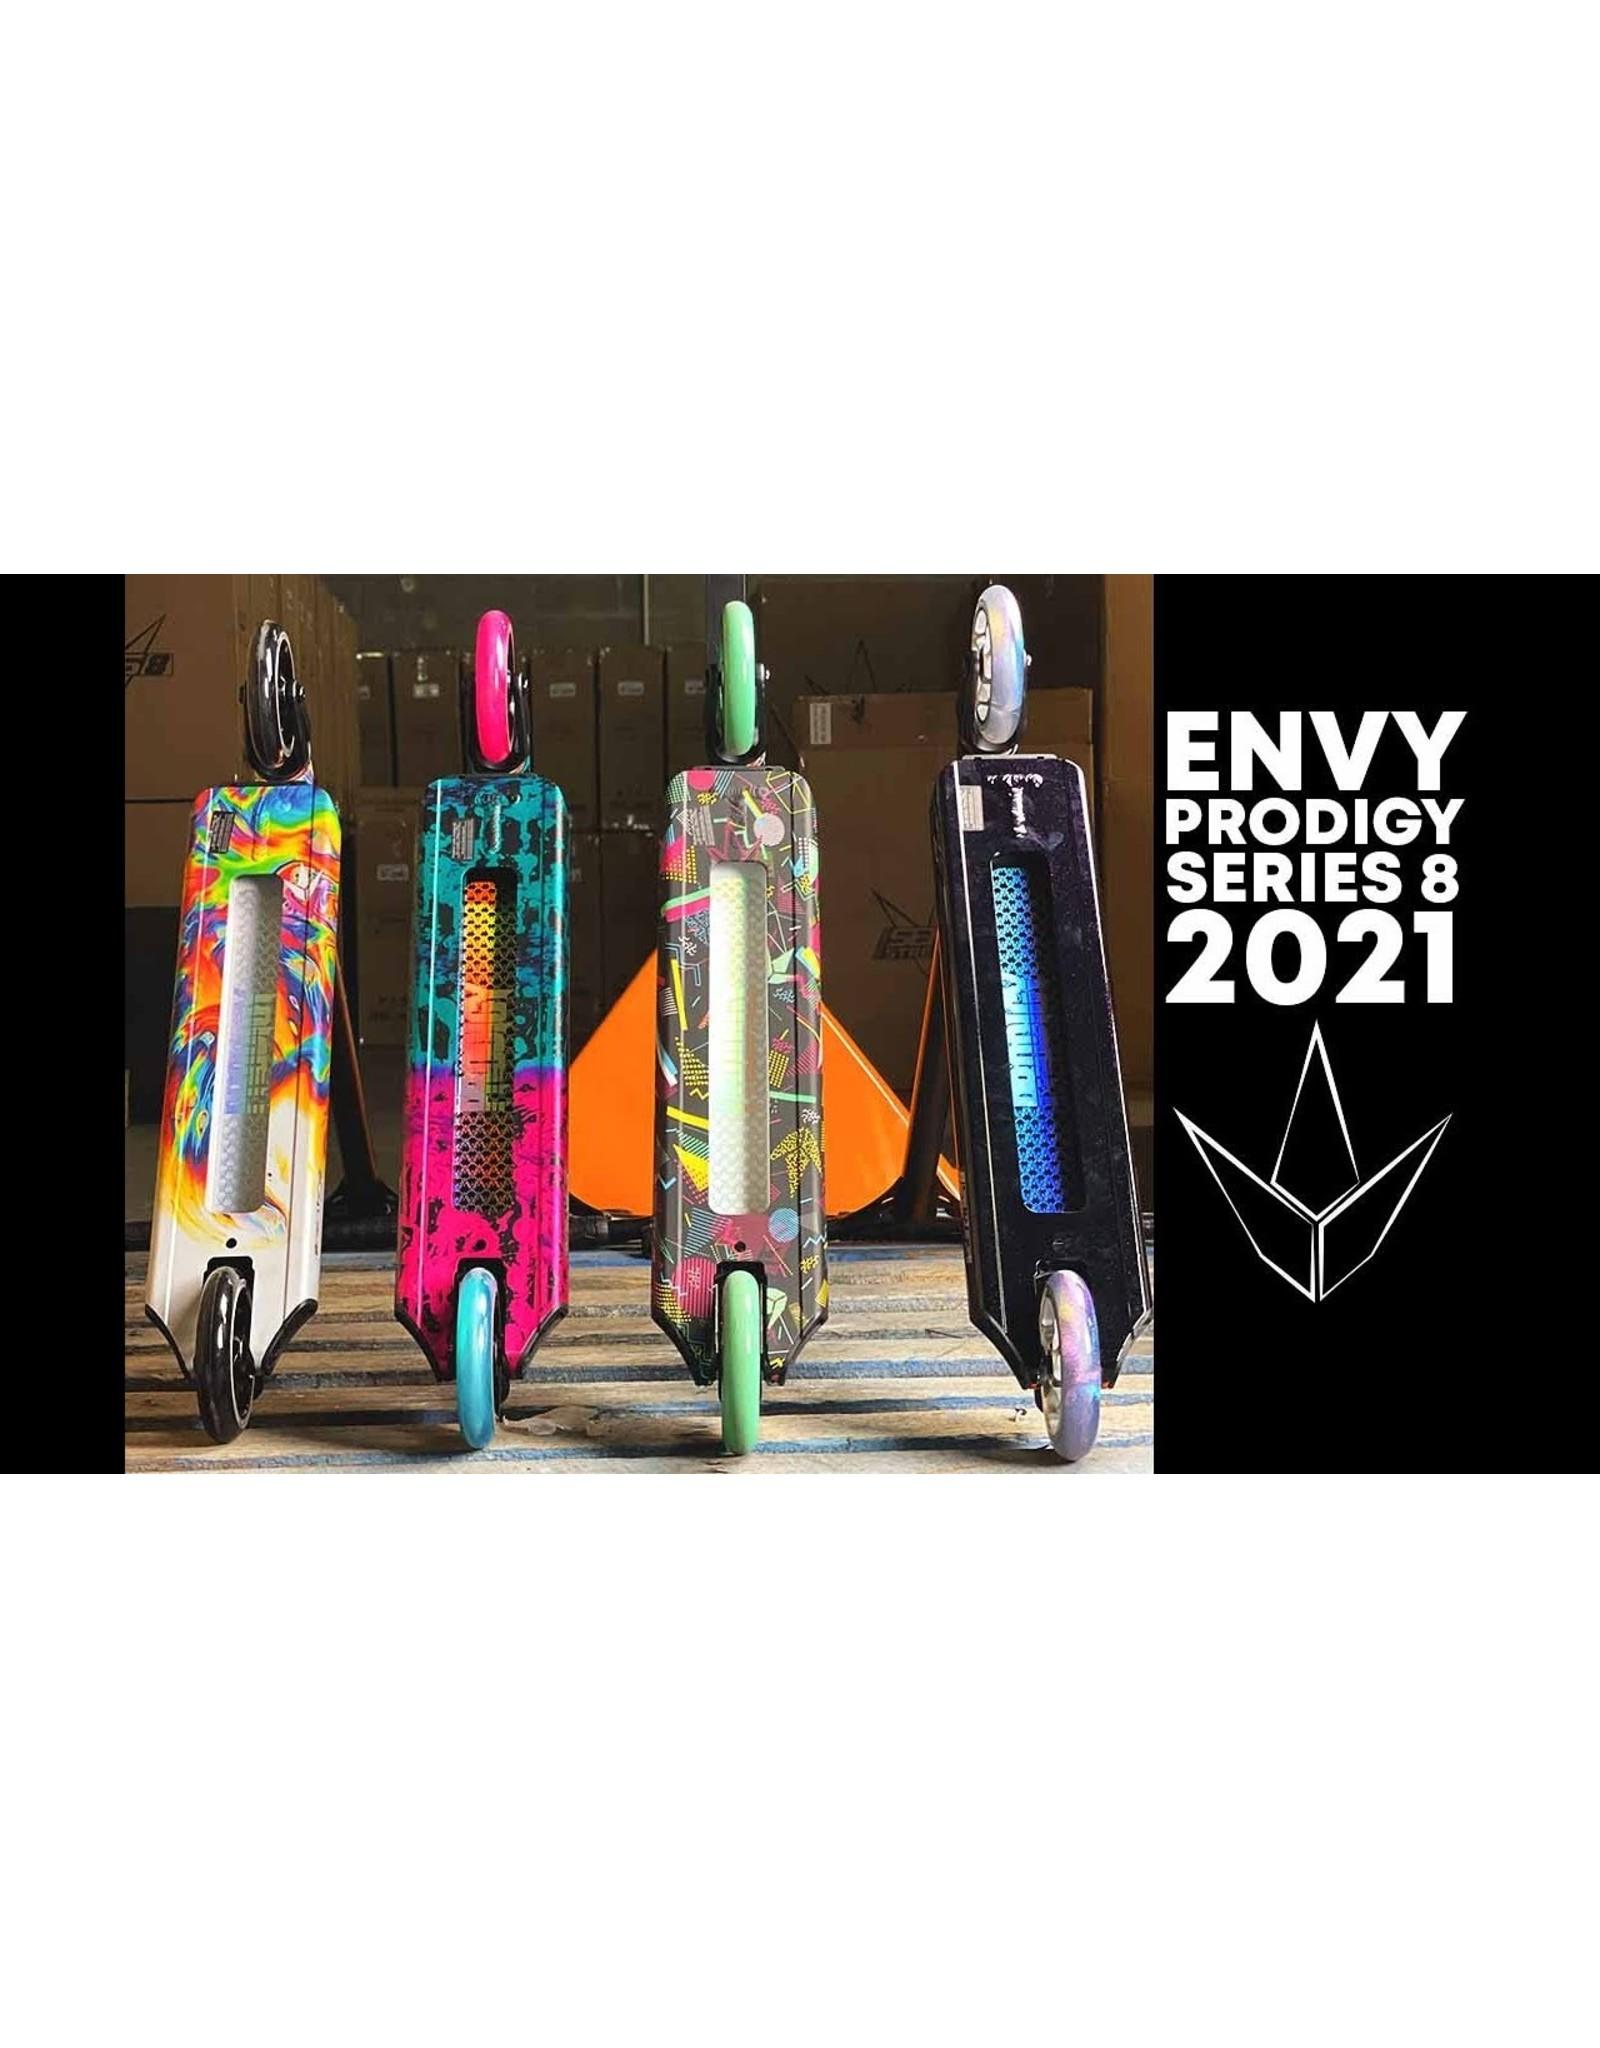 Envy Prodigy S8 2021